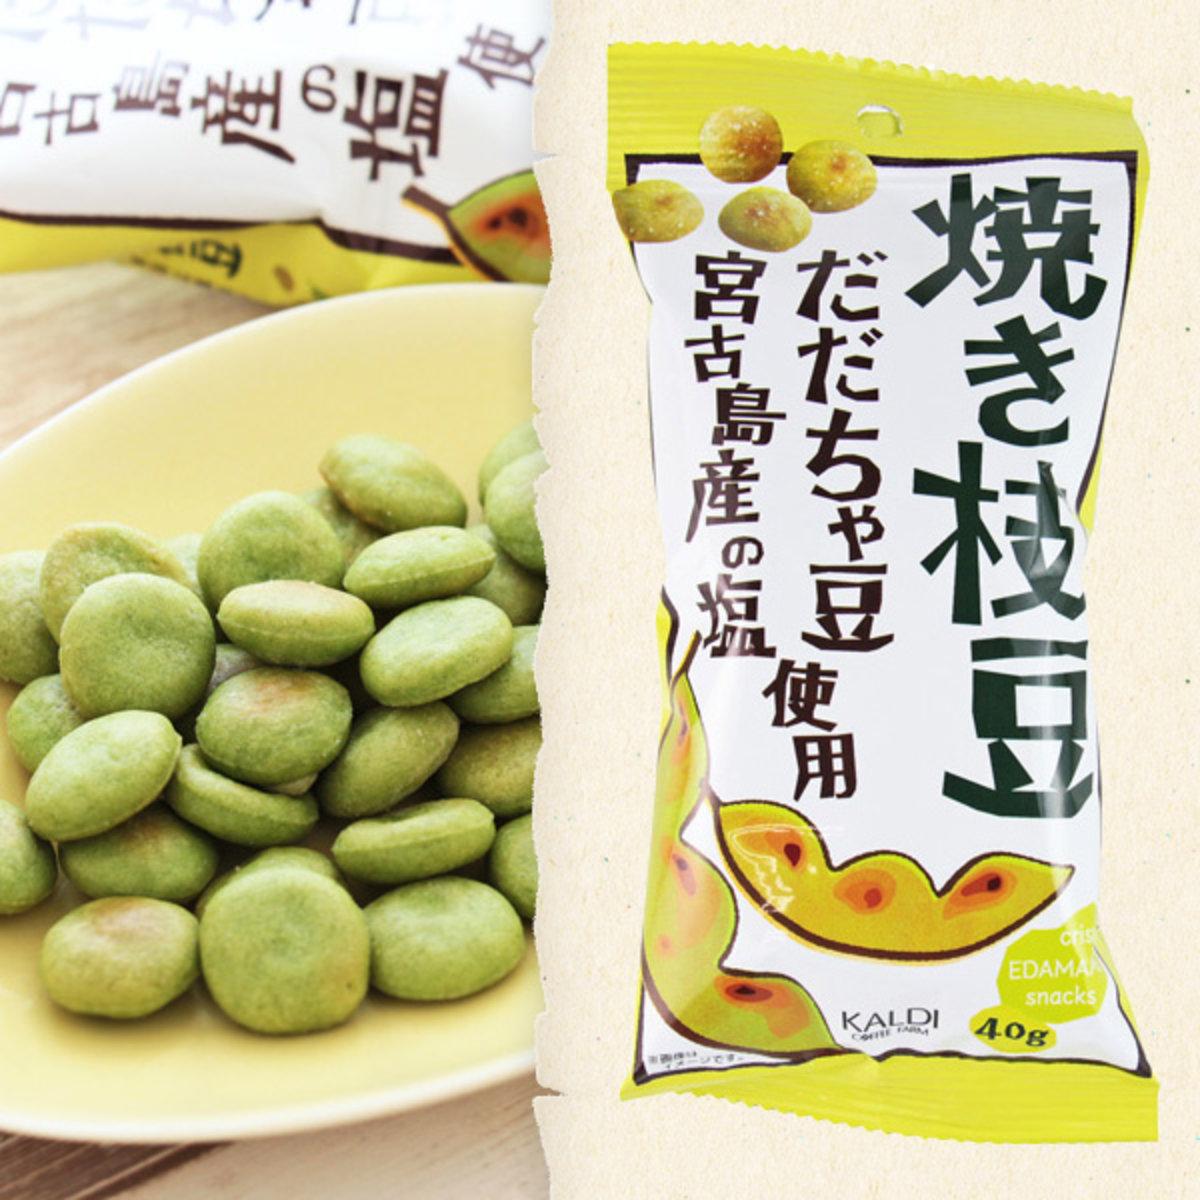 [夏季限定] 日本製 鹽味焼毛豆 1包 (40g)